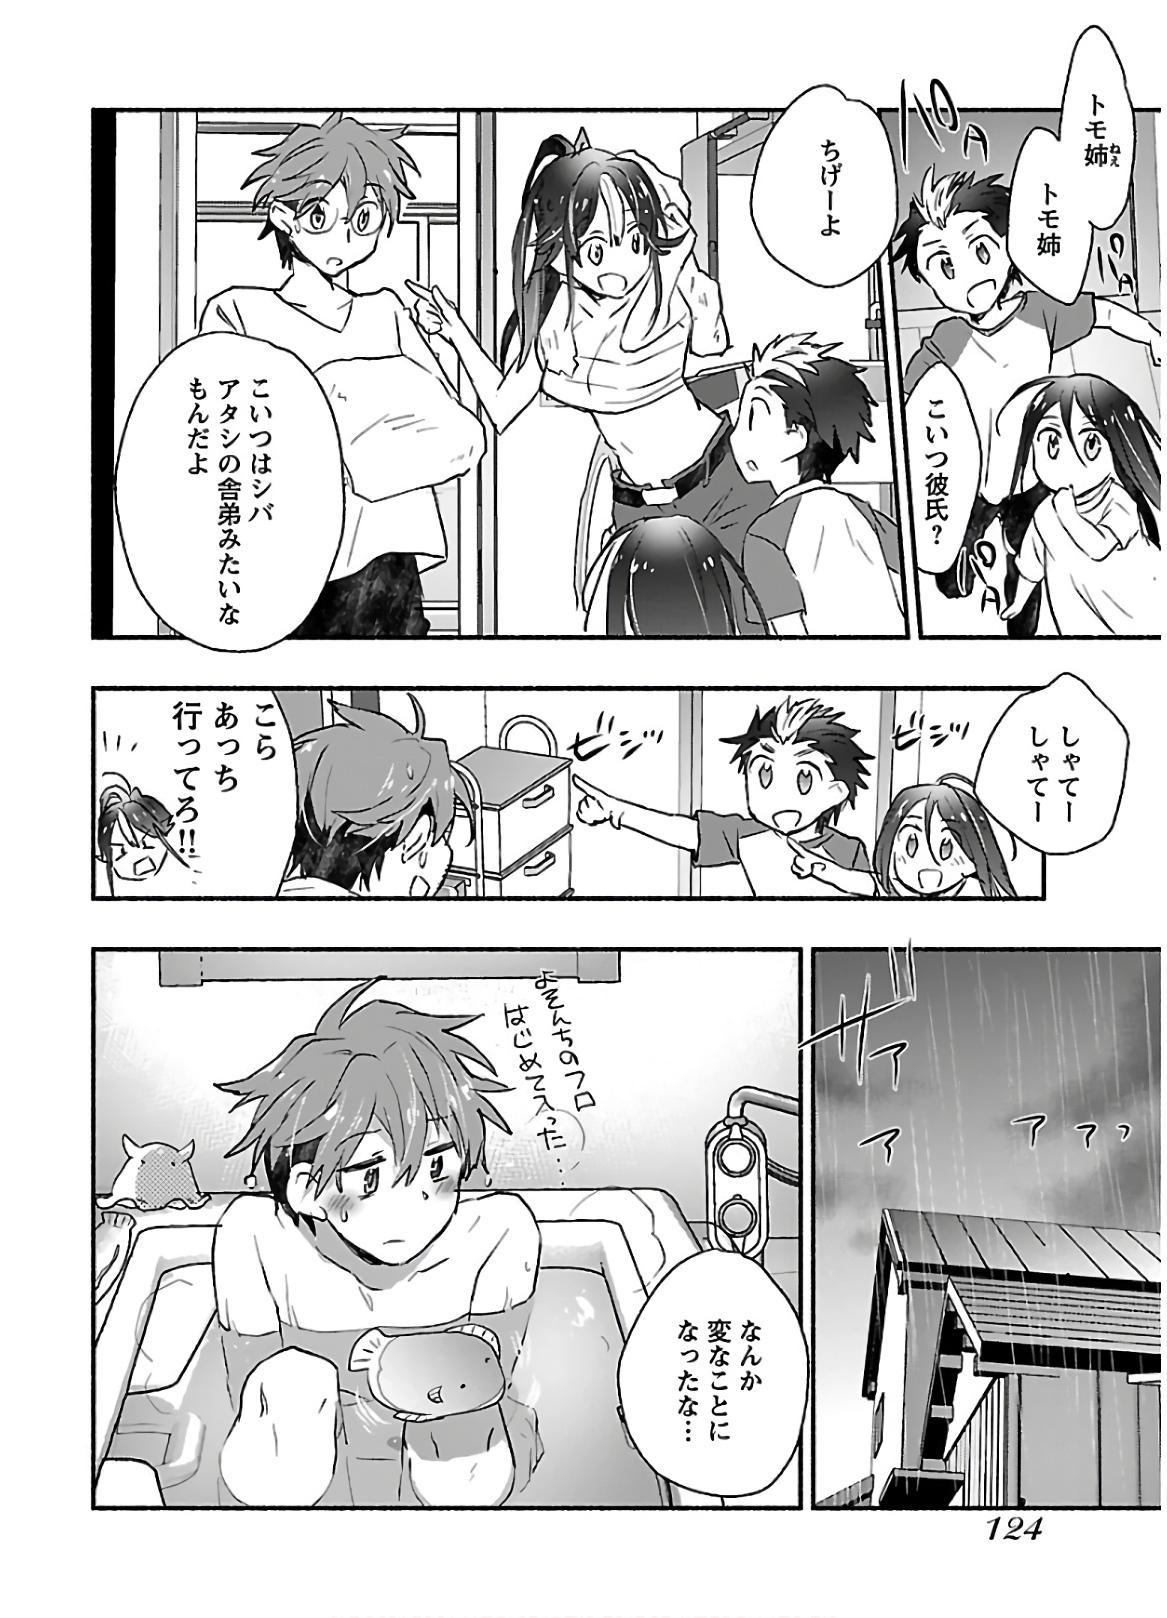 Yankii musume ni natsukarete kotoshi mo juken ni shippai shisou desu  vol.1 125